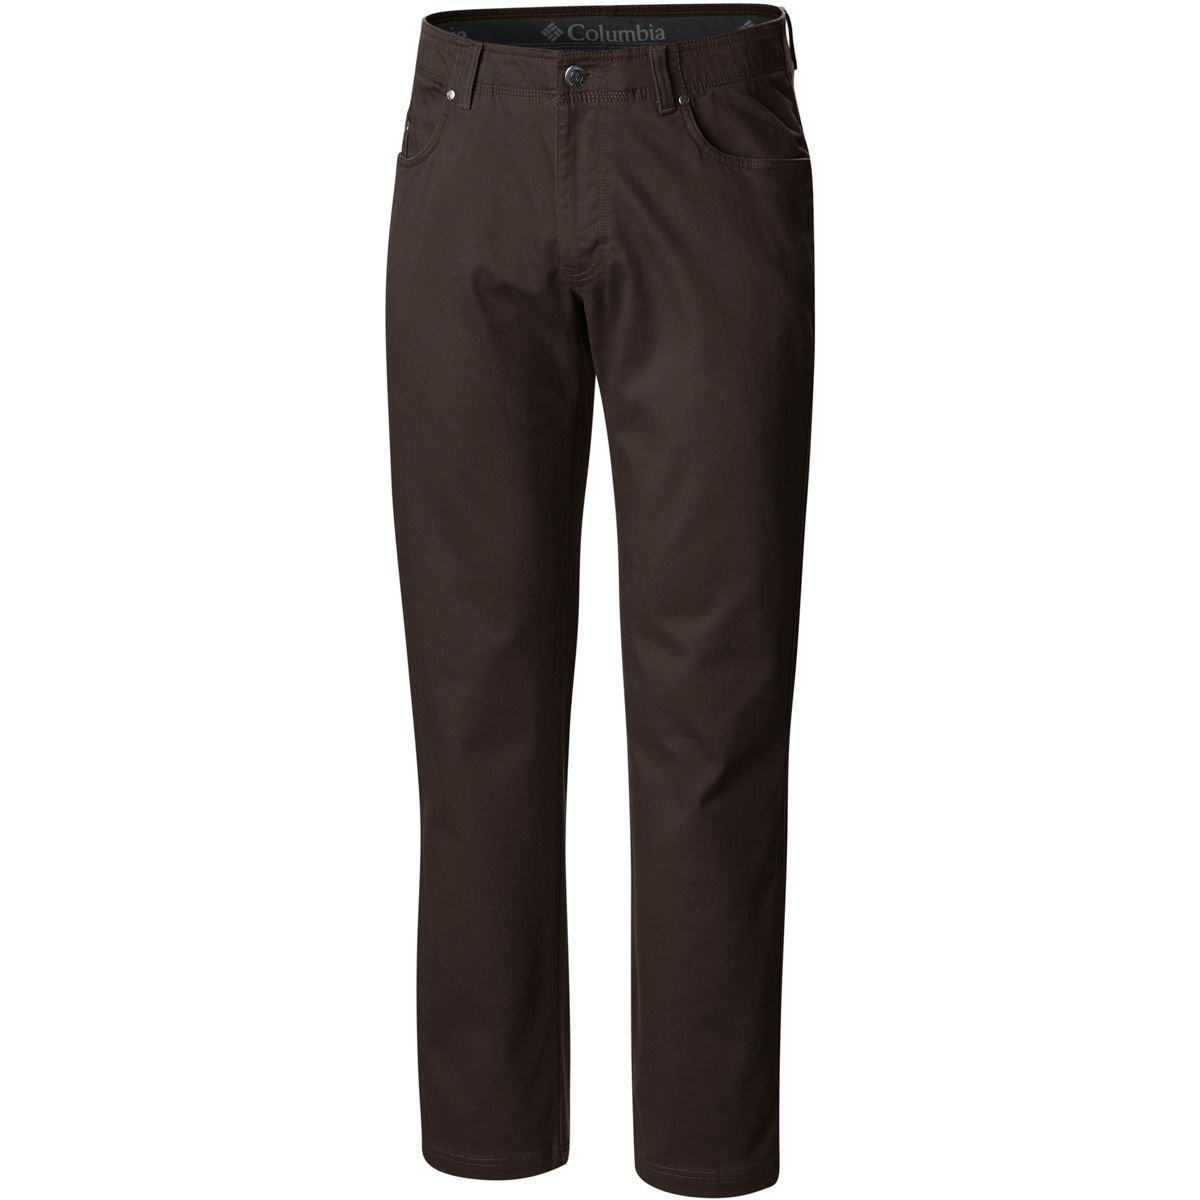 Columbia Pilot Peak 5 Pocket Pant - Men's Bark, 30x32